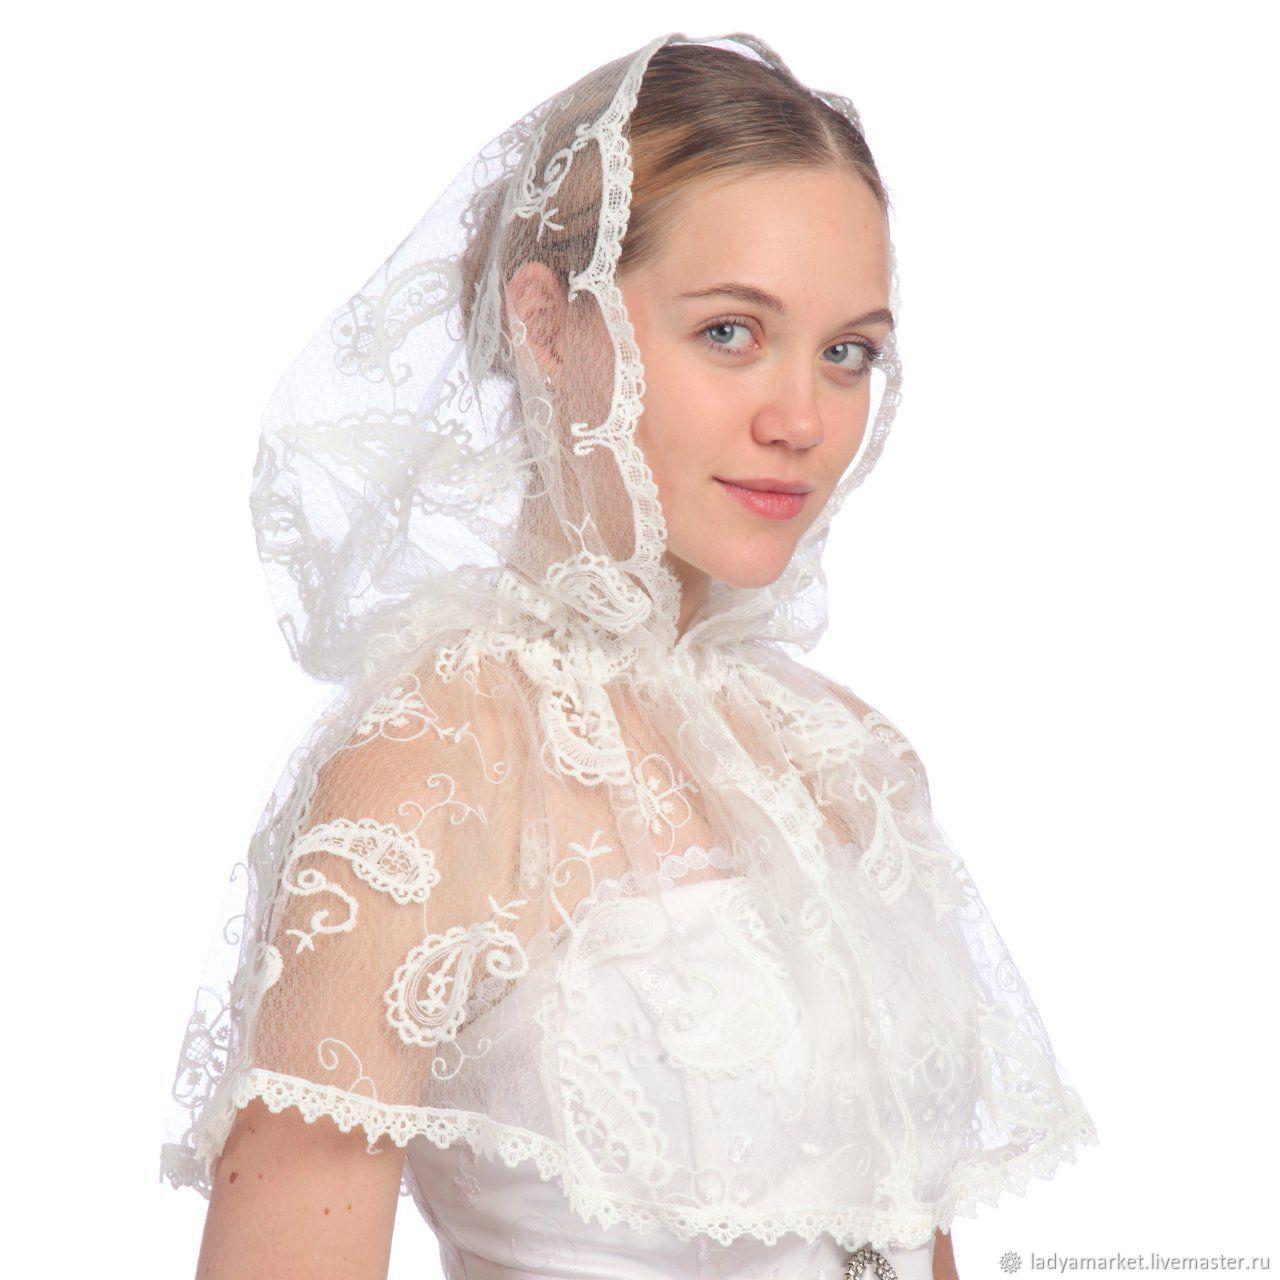 макушки которых накидки для венчания с капюшоном фото объявления продаже таунхаусов